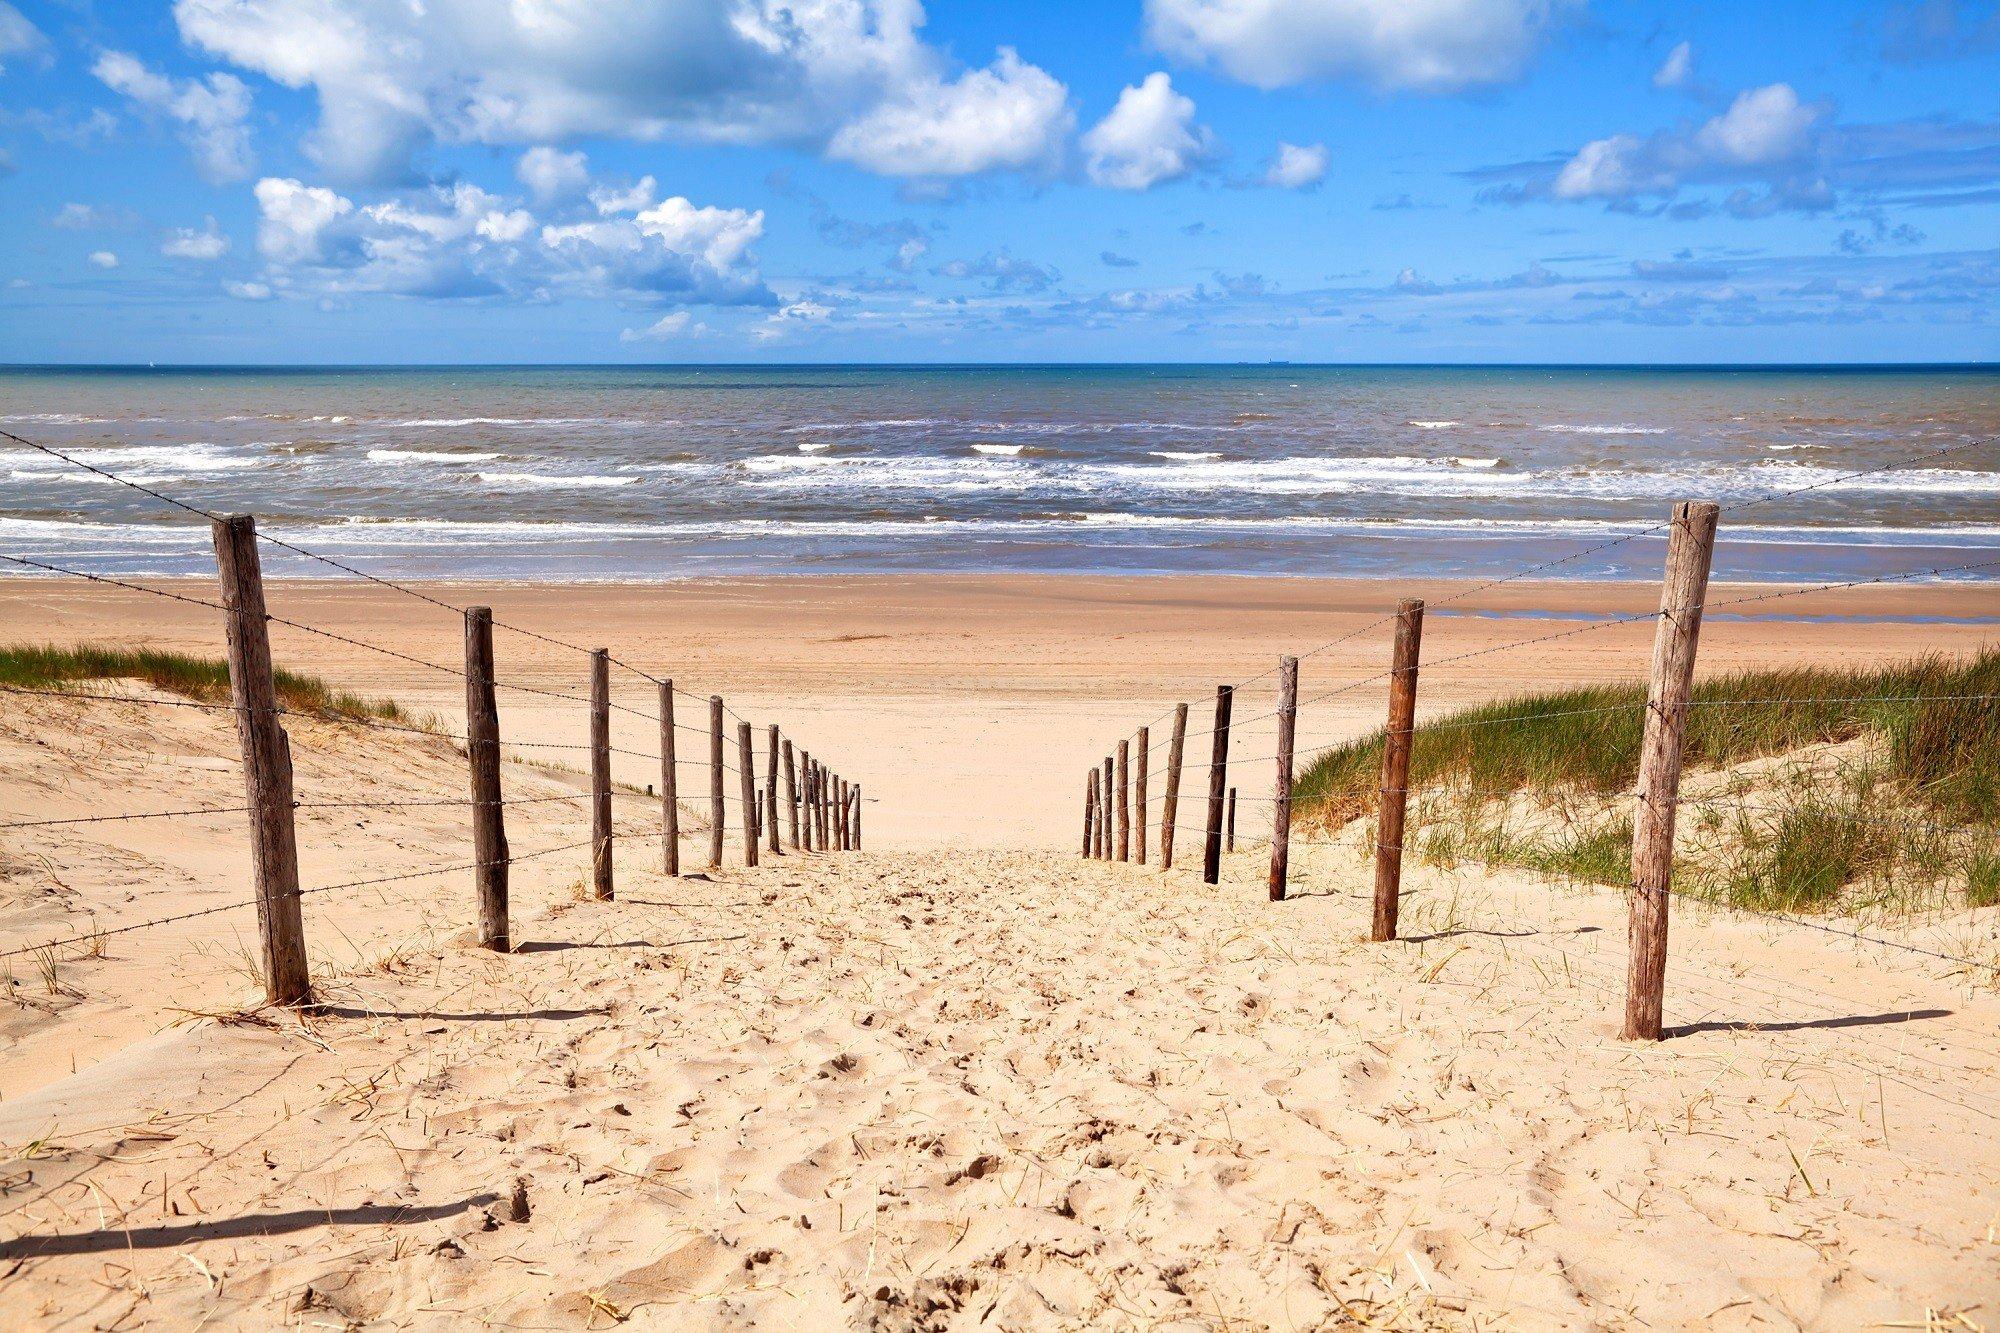 Dagaanbieding - 3 of 4 dagen in 4*-hotel bij het strand van Noordwijk incl. ontbijt en wellness dagelijkse koopjes